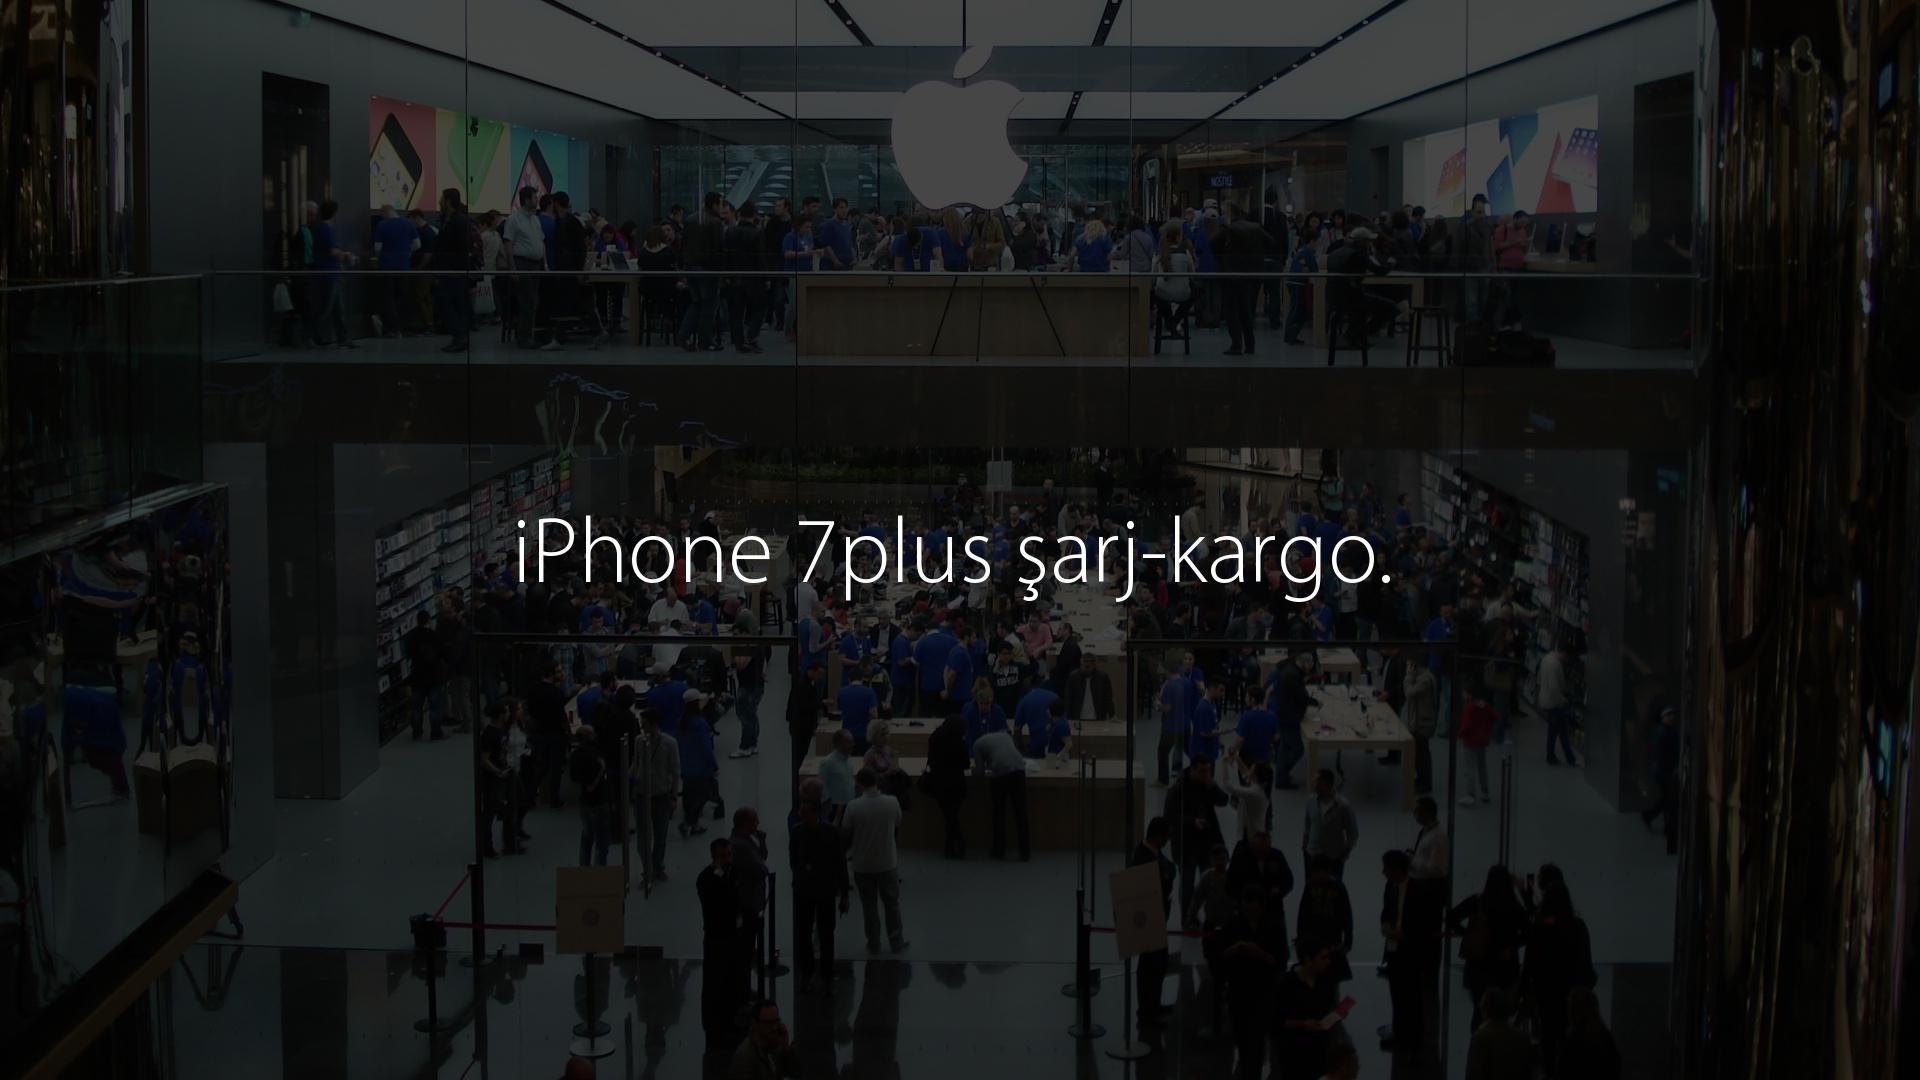 iPhone 7plus şarj-kargo.